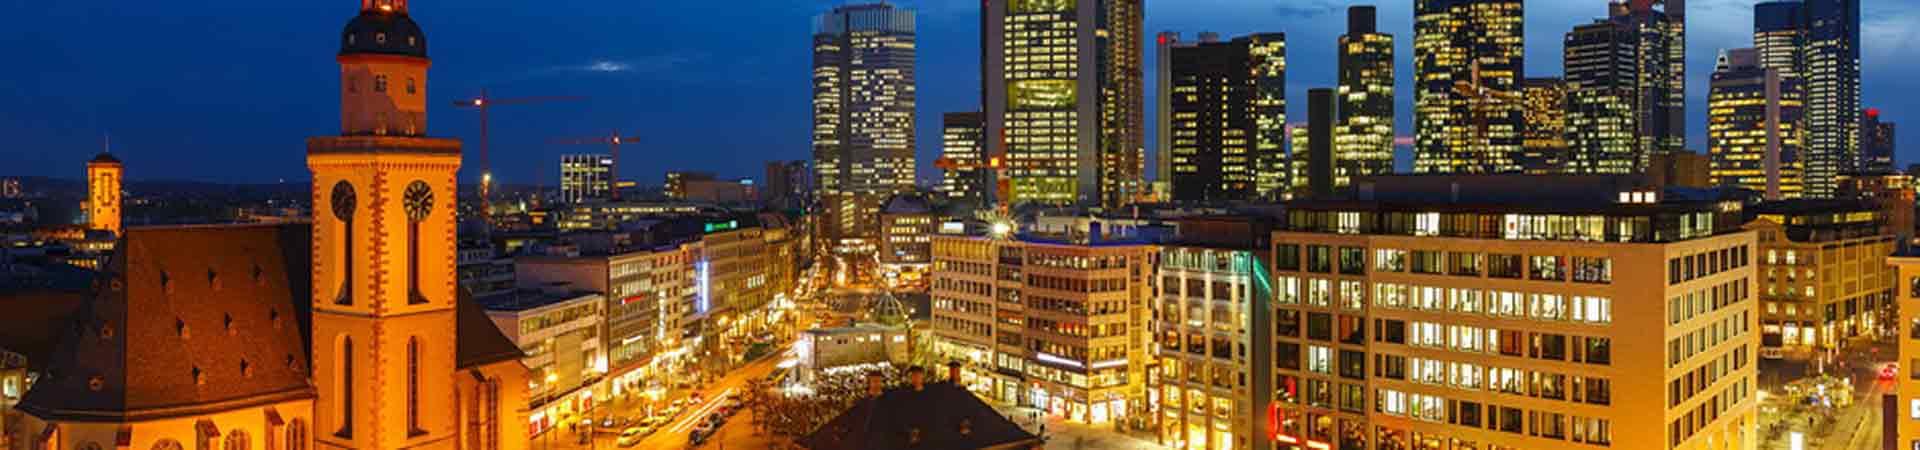 MPU Frankfurt am Main / Hauptwache